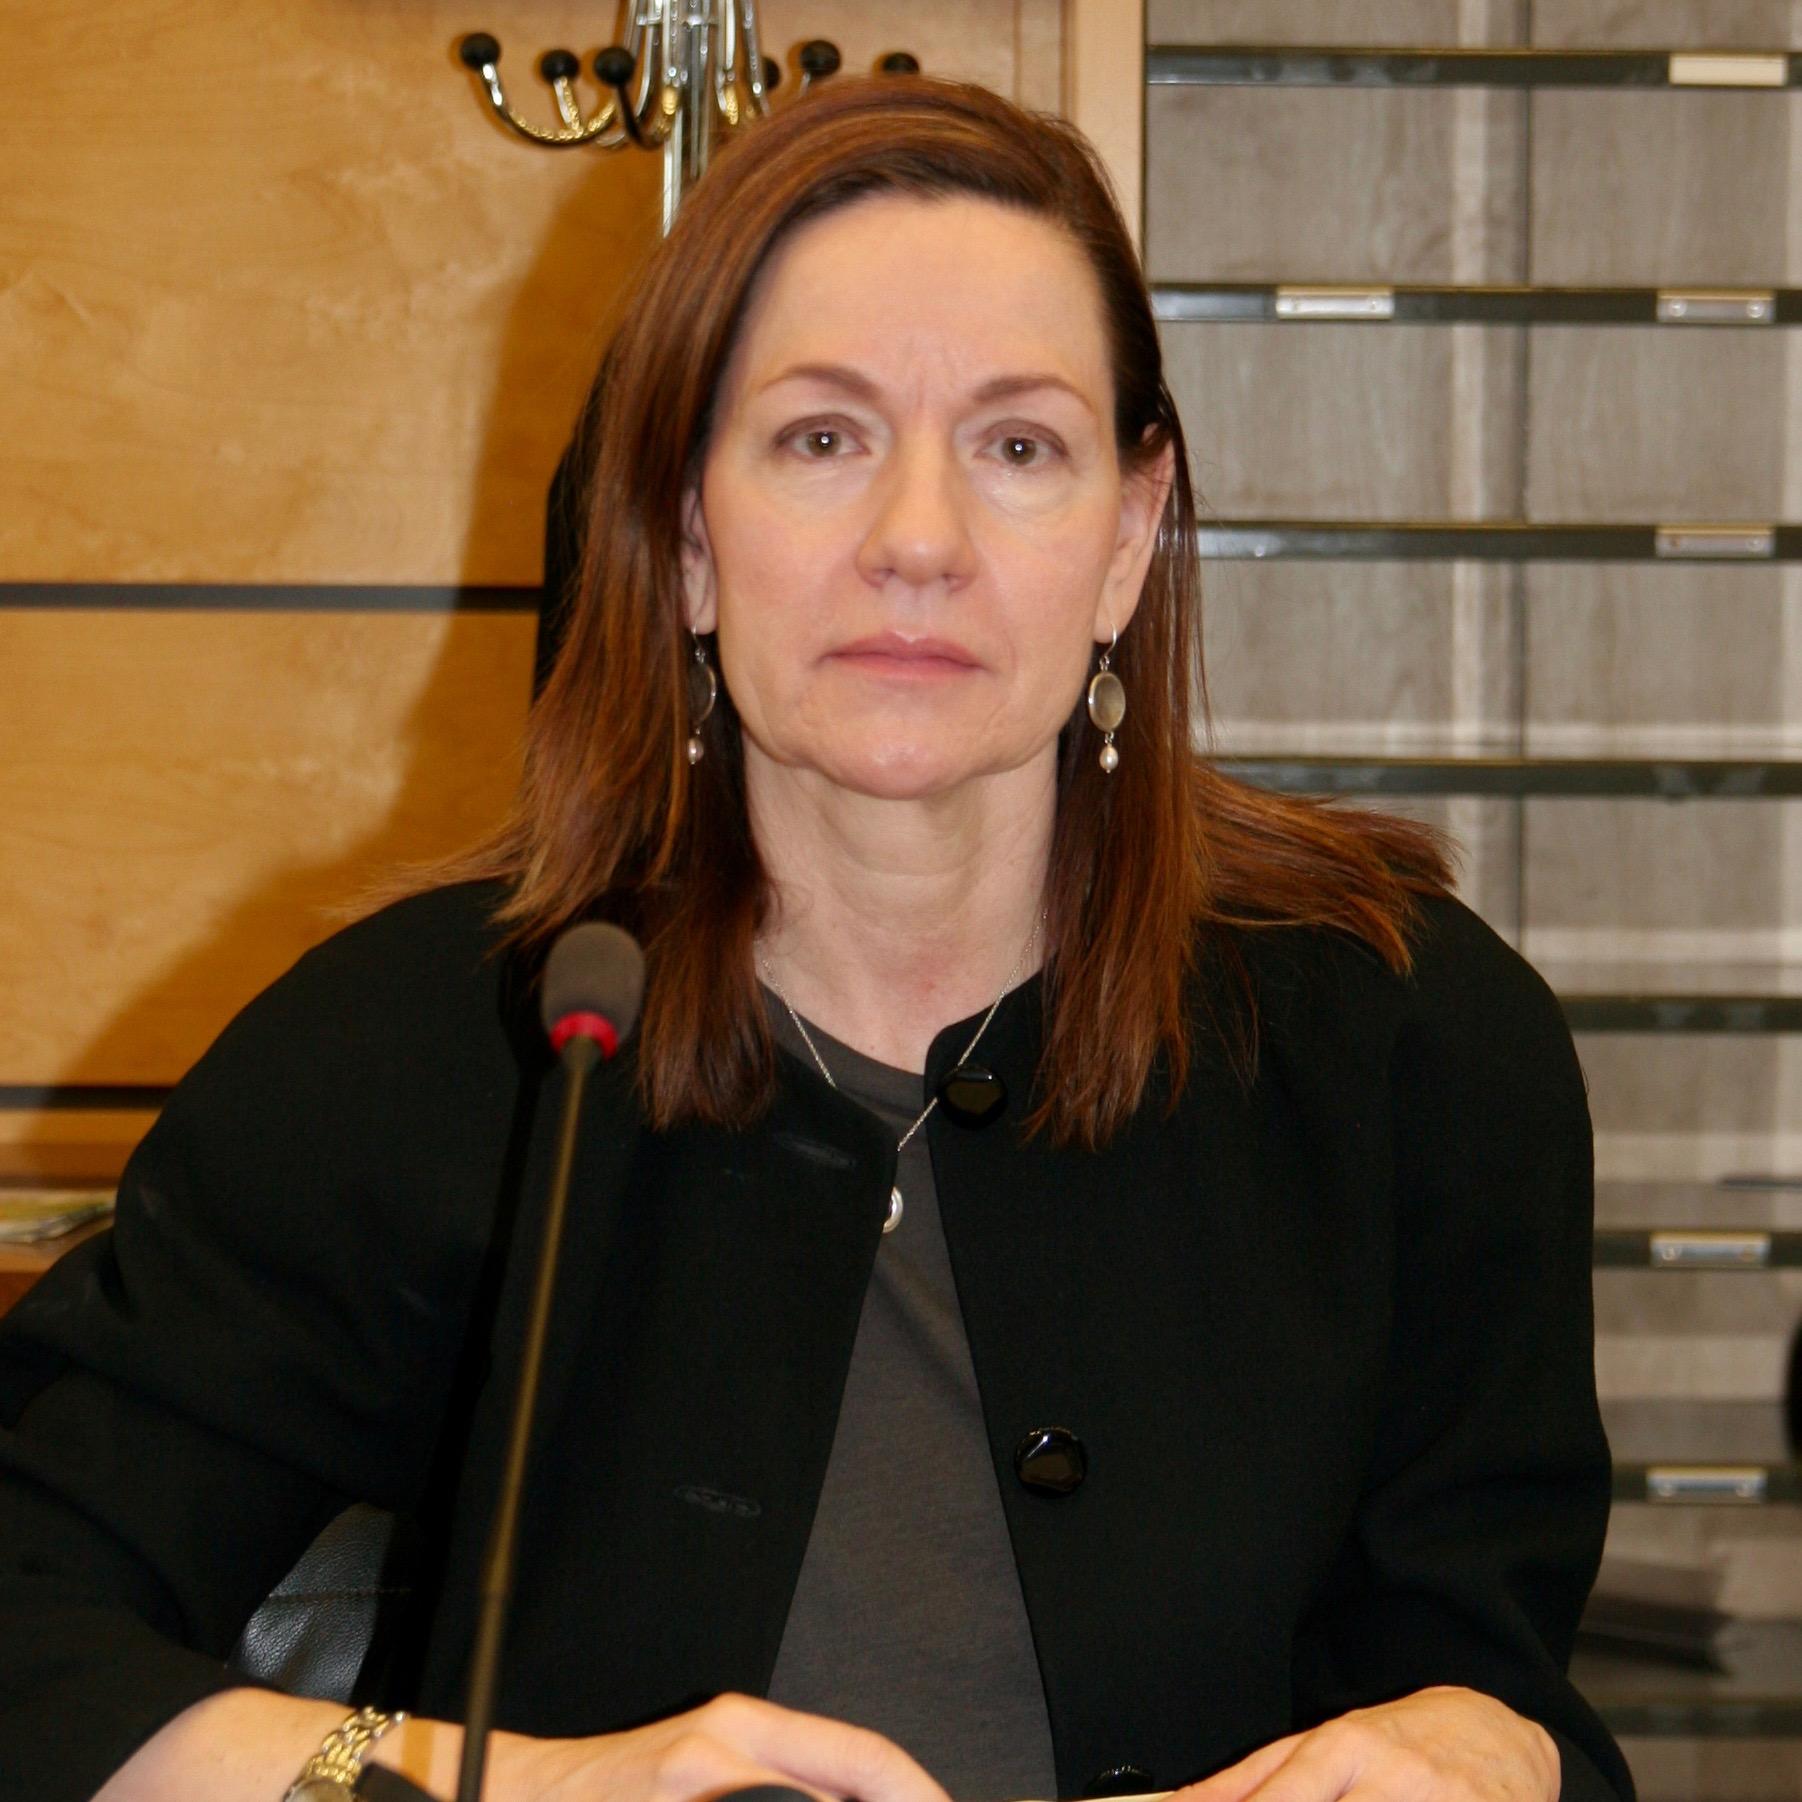 Ms. Marcia KRAN